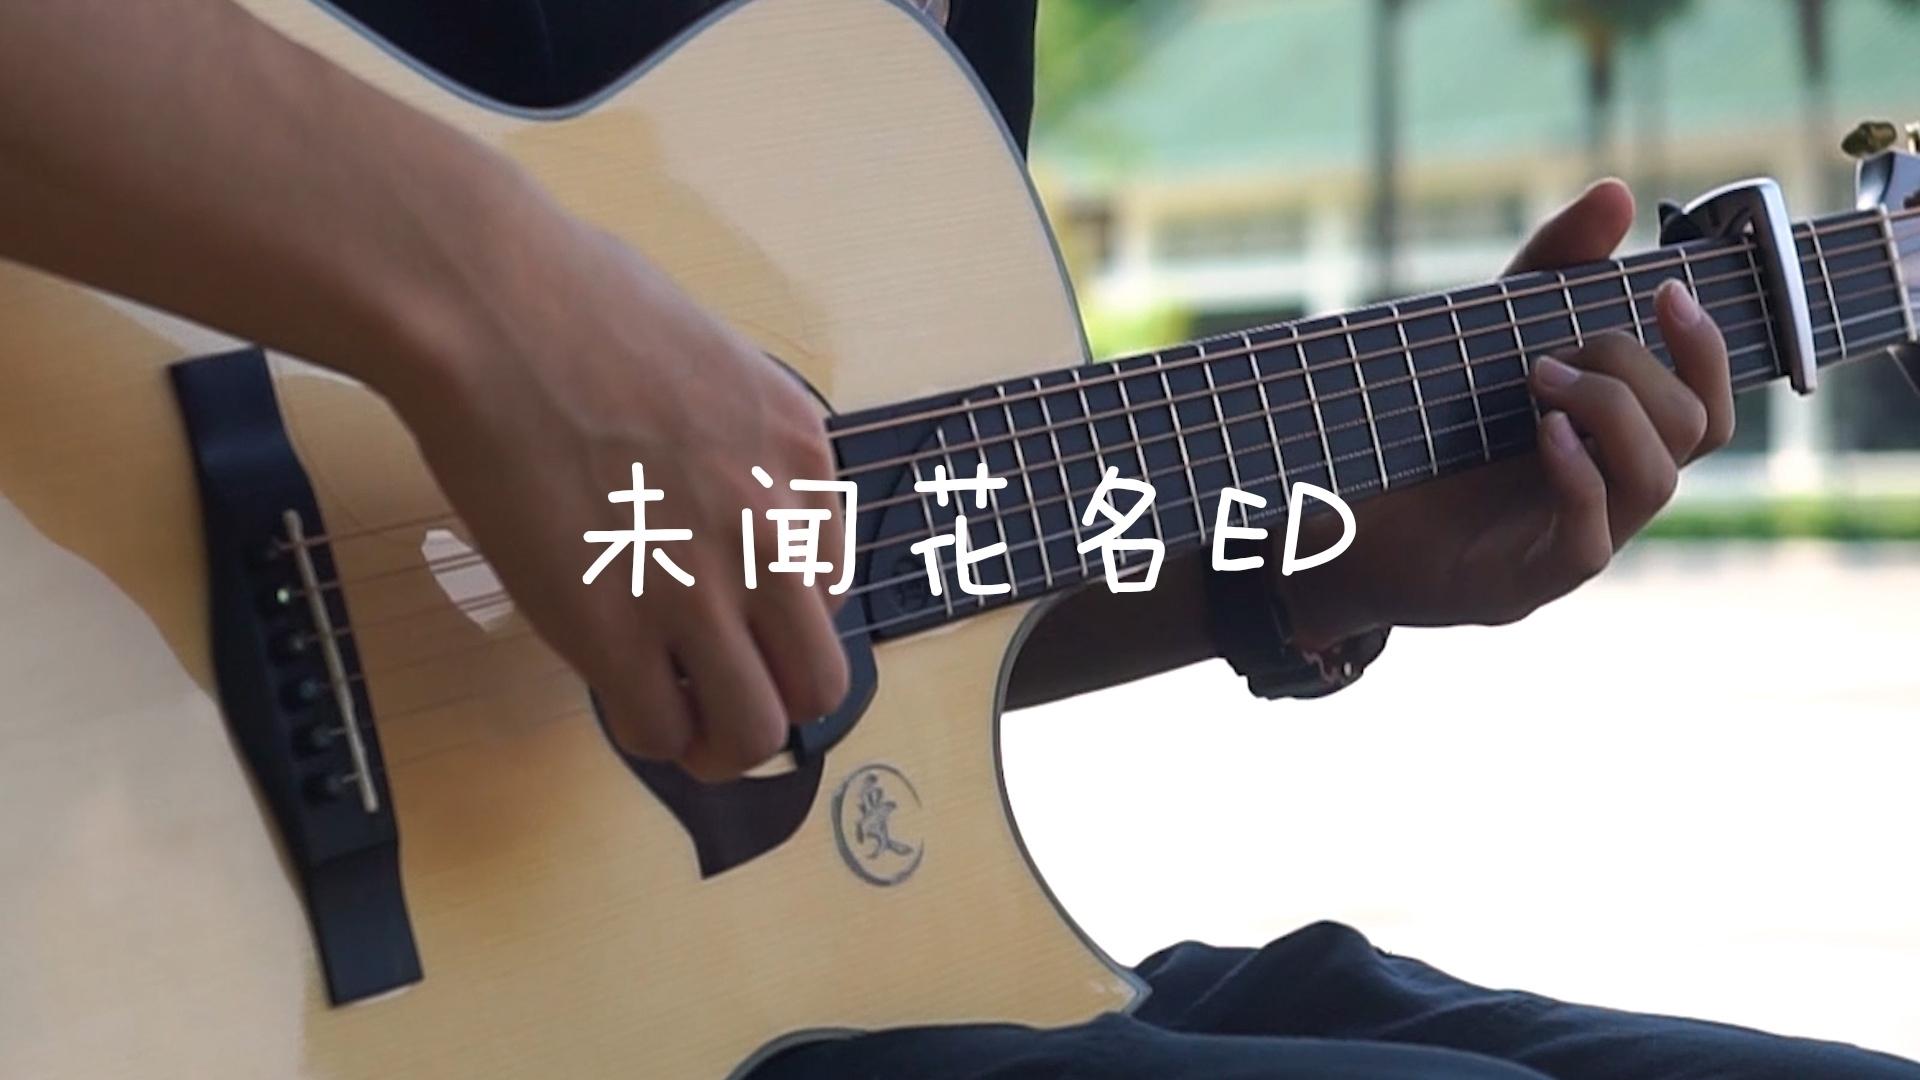 「未闻花名ED」戴上耳机,体验极度舒适的视听效果!吉他版 - 指弹